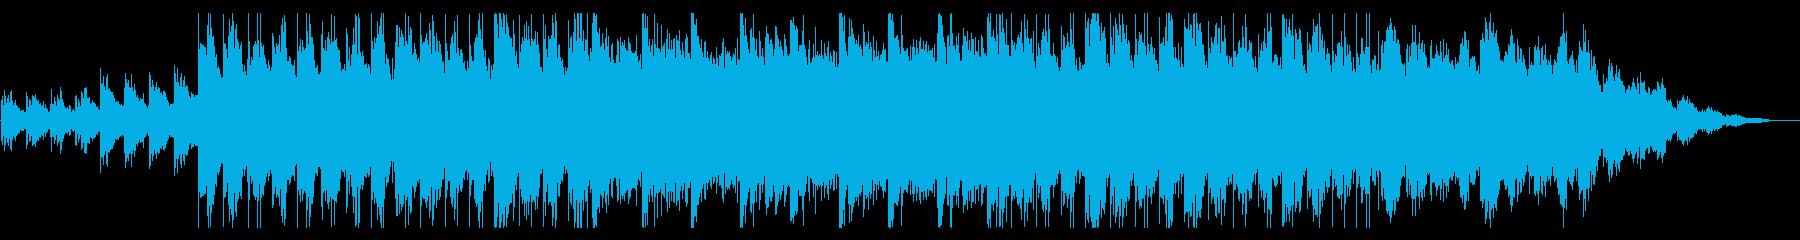 ピアノがキラキラ綺麗なBGM10の再生済みの波形